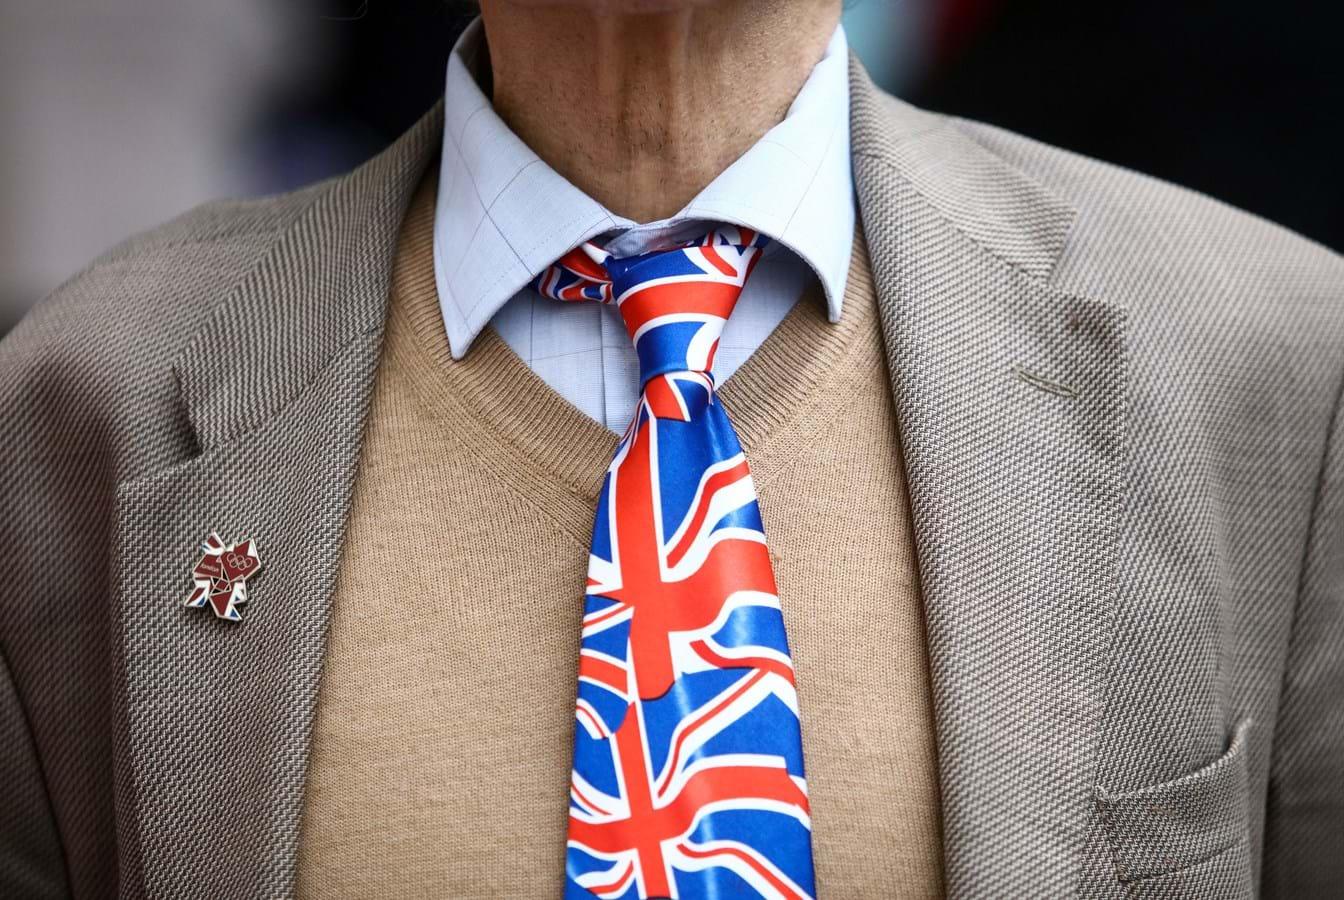 Reino Unido activa artigo 50 a 29 de Março